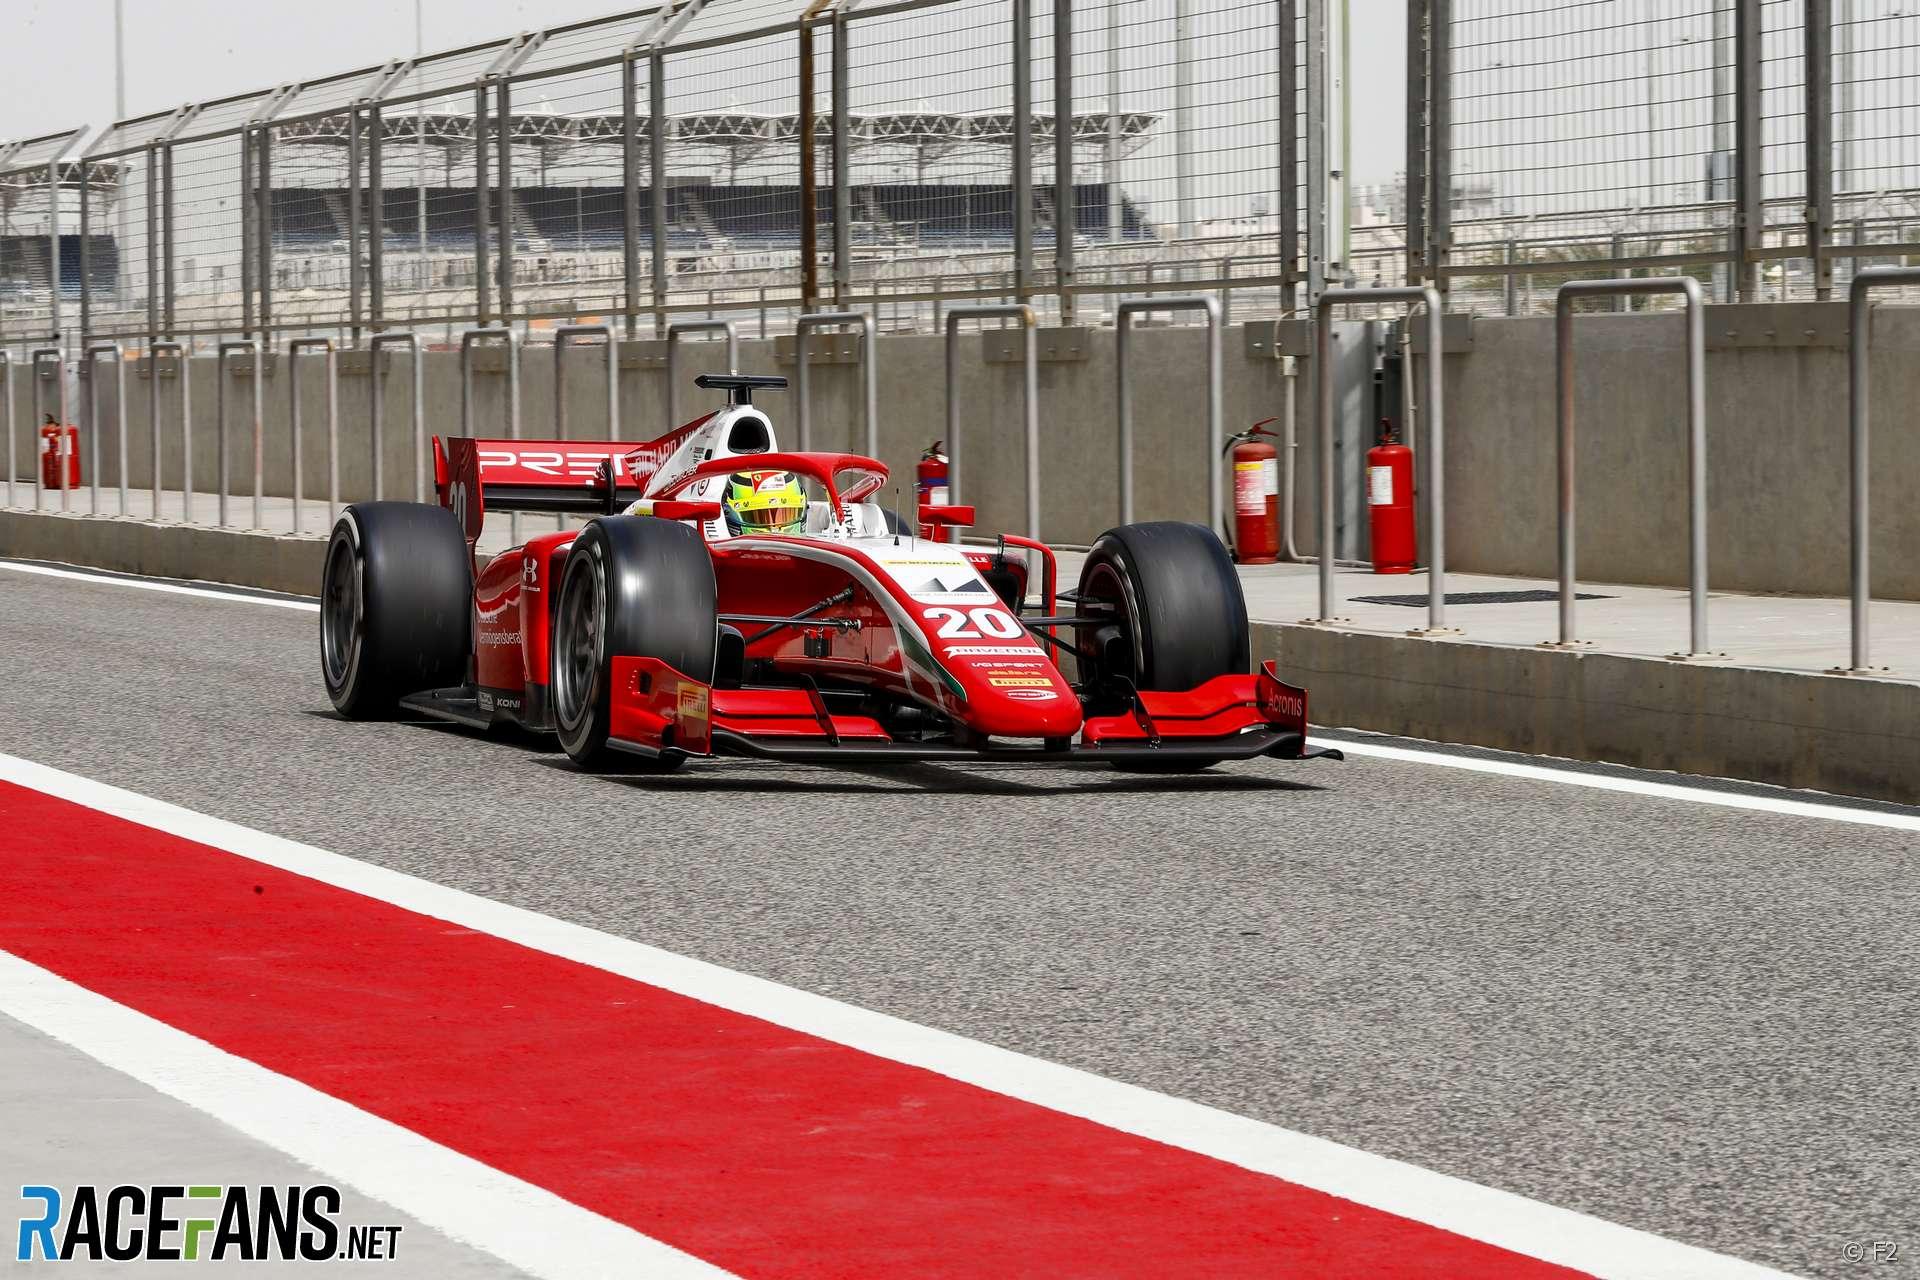 In Pictures Ferrari F1 Junior Mick Schumacher Testing For Prema In Bahrain F2 Pre Season Test